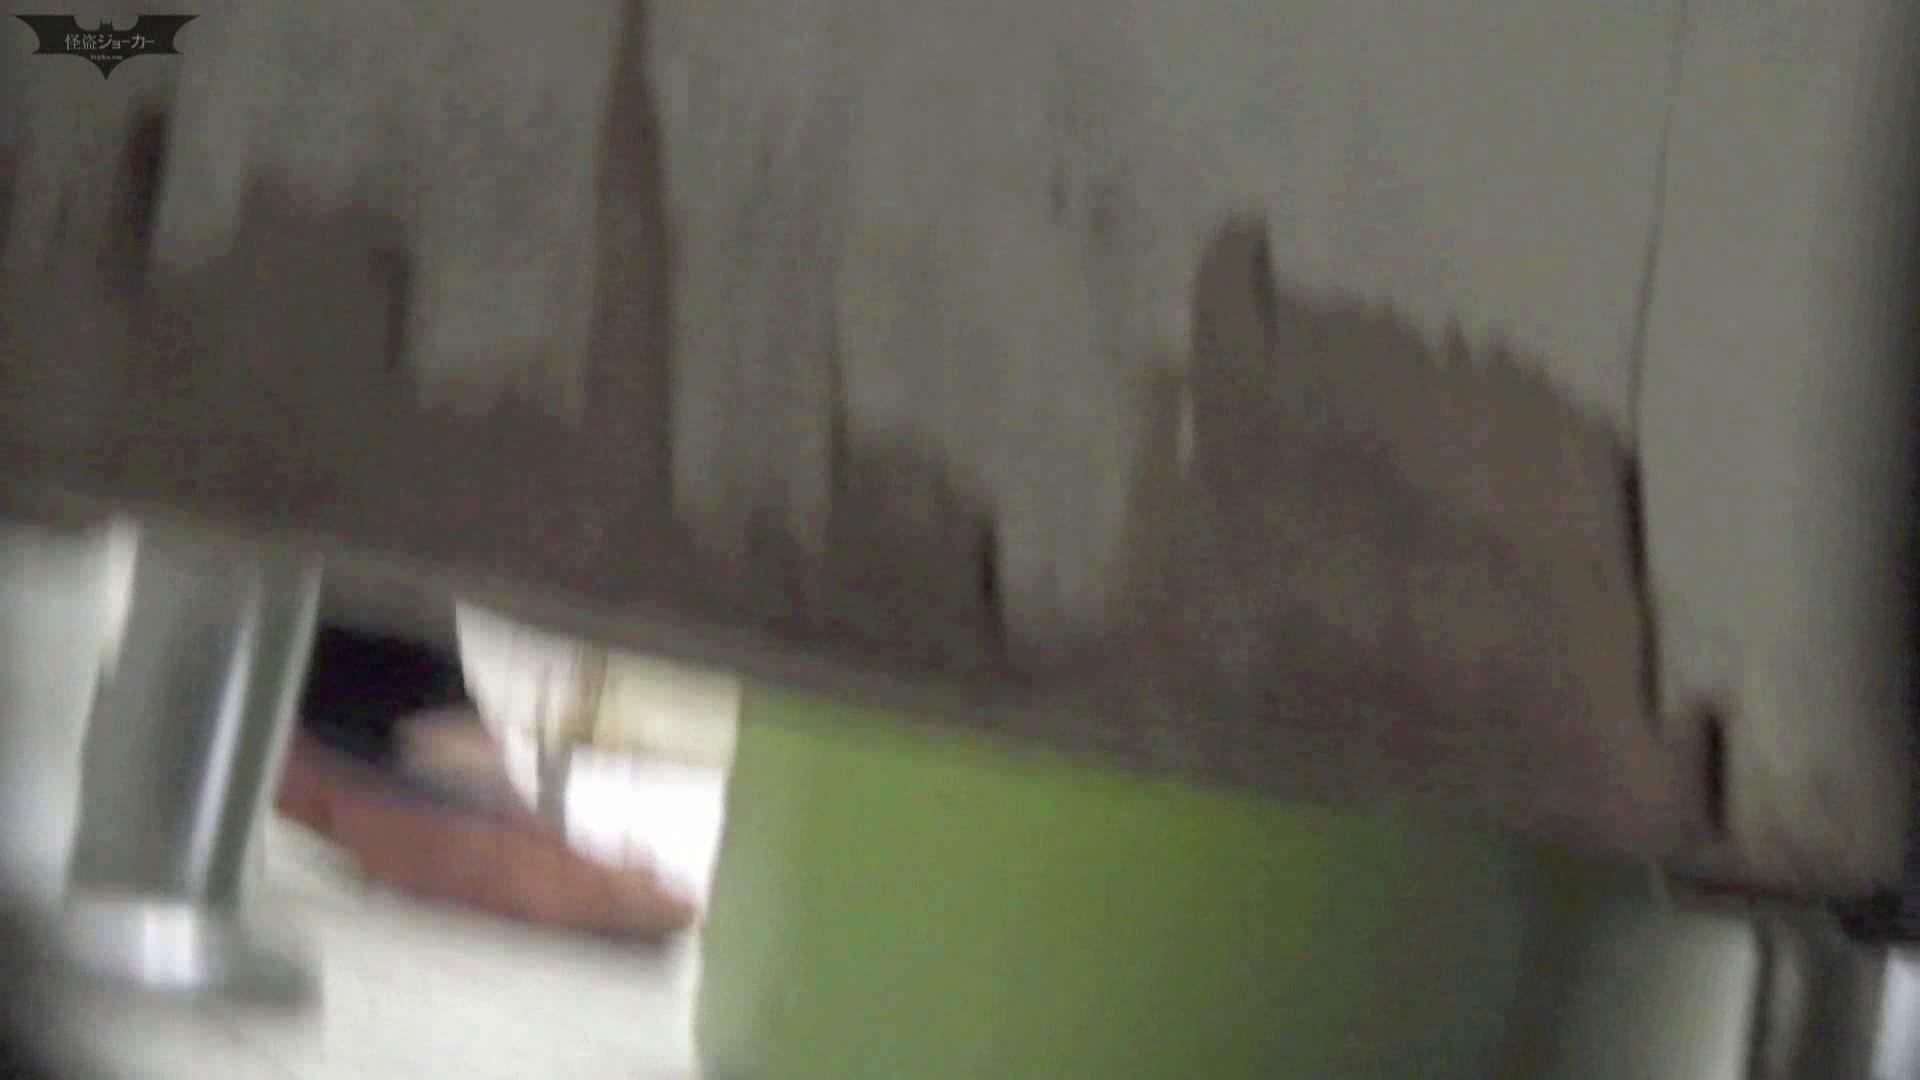 【潜入トイレ盗撮】洗面所特攻隊 vol.70 極上品の連続、歌いながら美女入室 盗撮エロすぎ | トイレ中  90連発 6